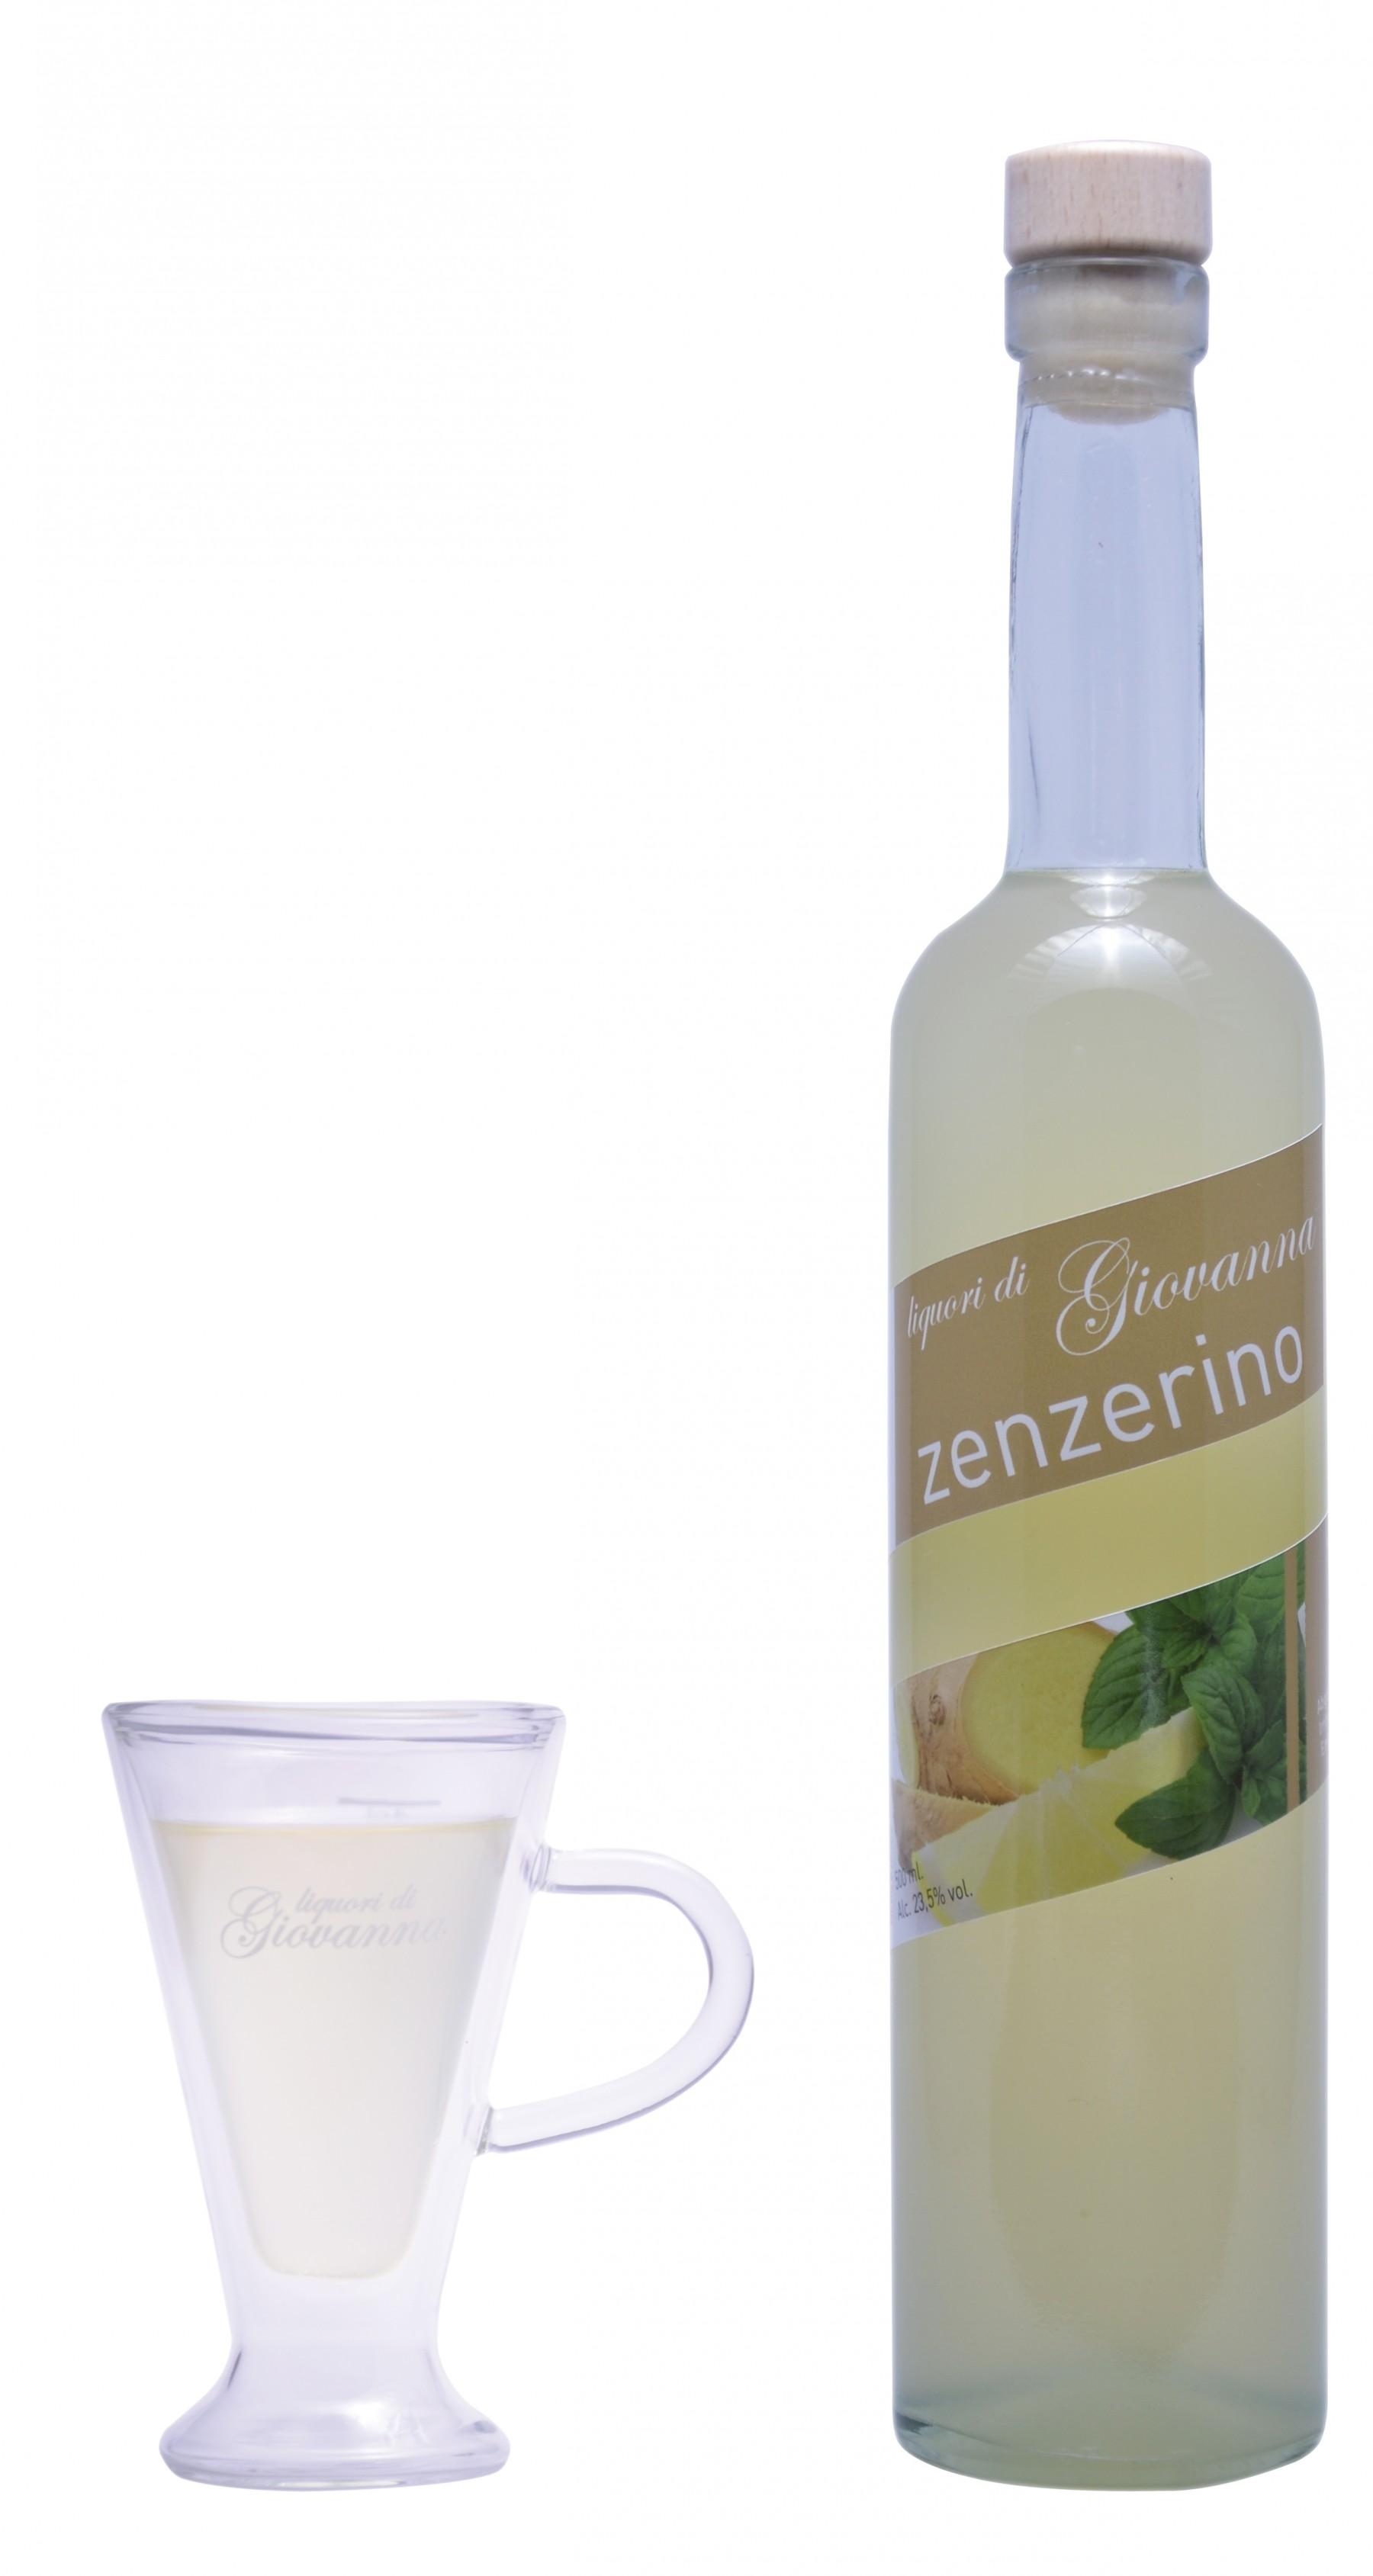 diGiovanna - Zenzerino (50 CL)